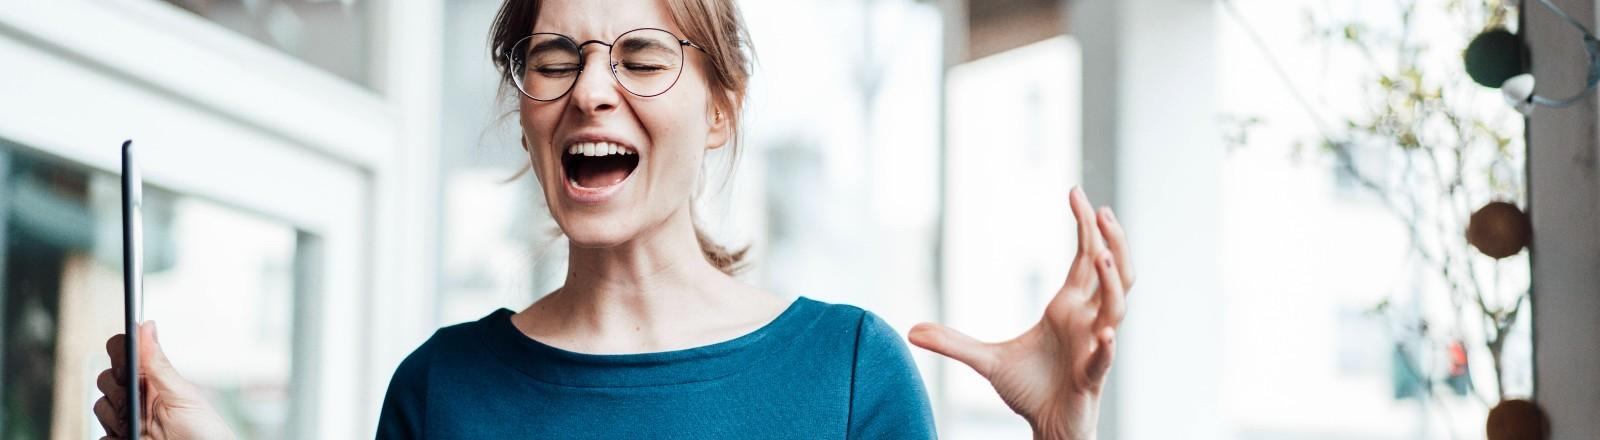 Eine Frau hält ein Tablet in der Hand und schreit.